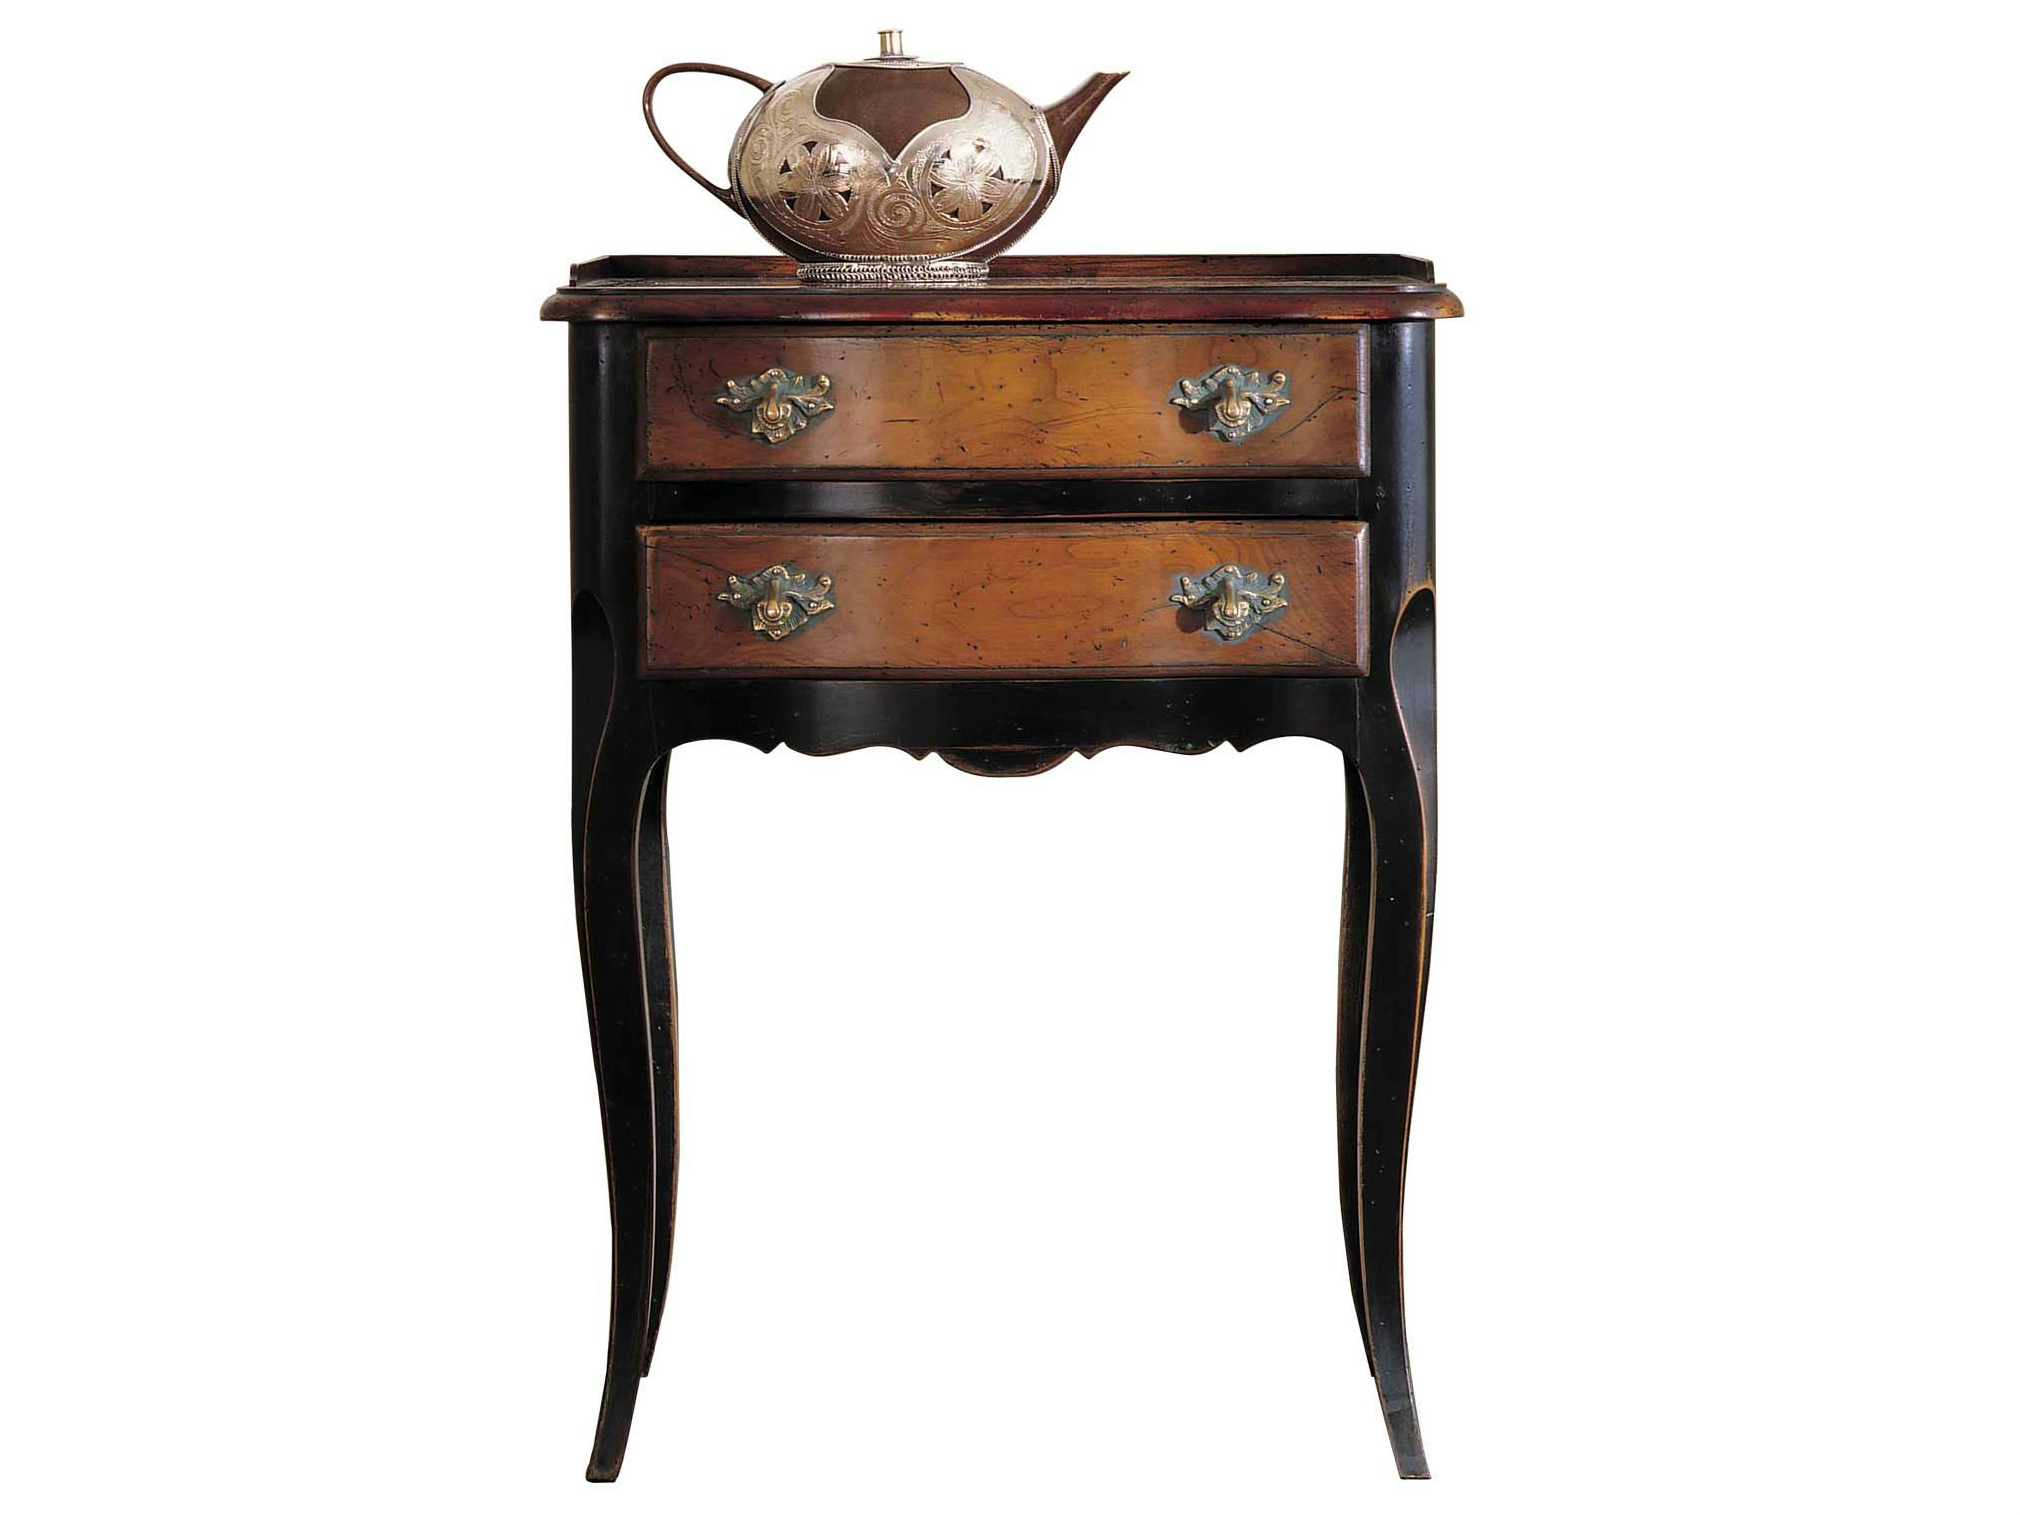 table de nuit en cerisier avec tiroirs nattier collection nouveaux classiques by roche bobois. Black Bedroom Furniture Sets. Home Design Ideas